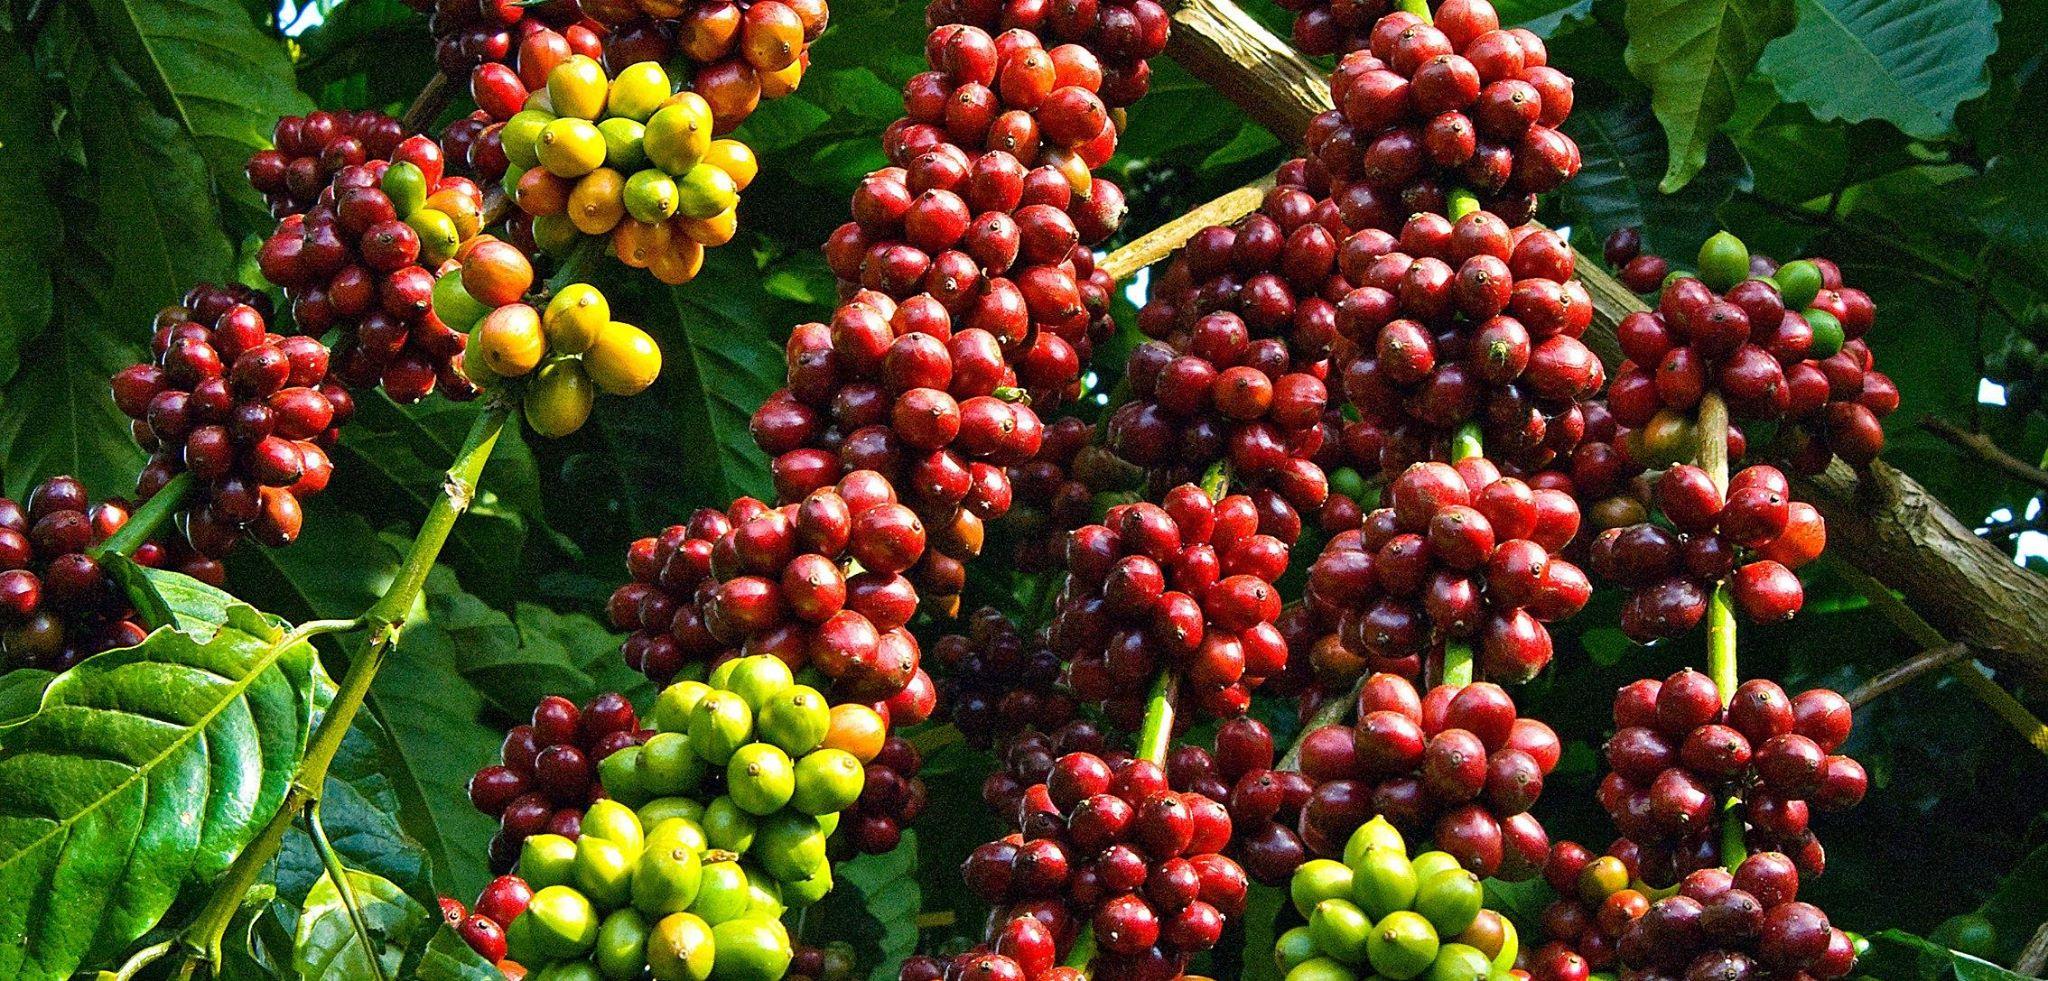 Cà phê phải được trồng và chăm sóc đúng cách